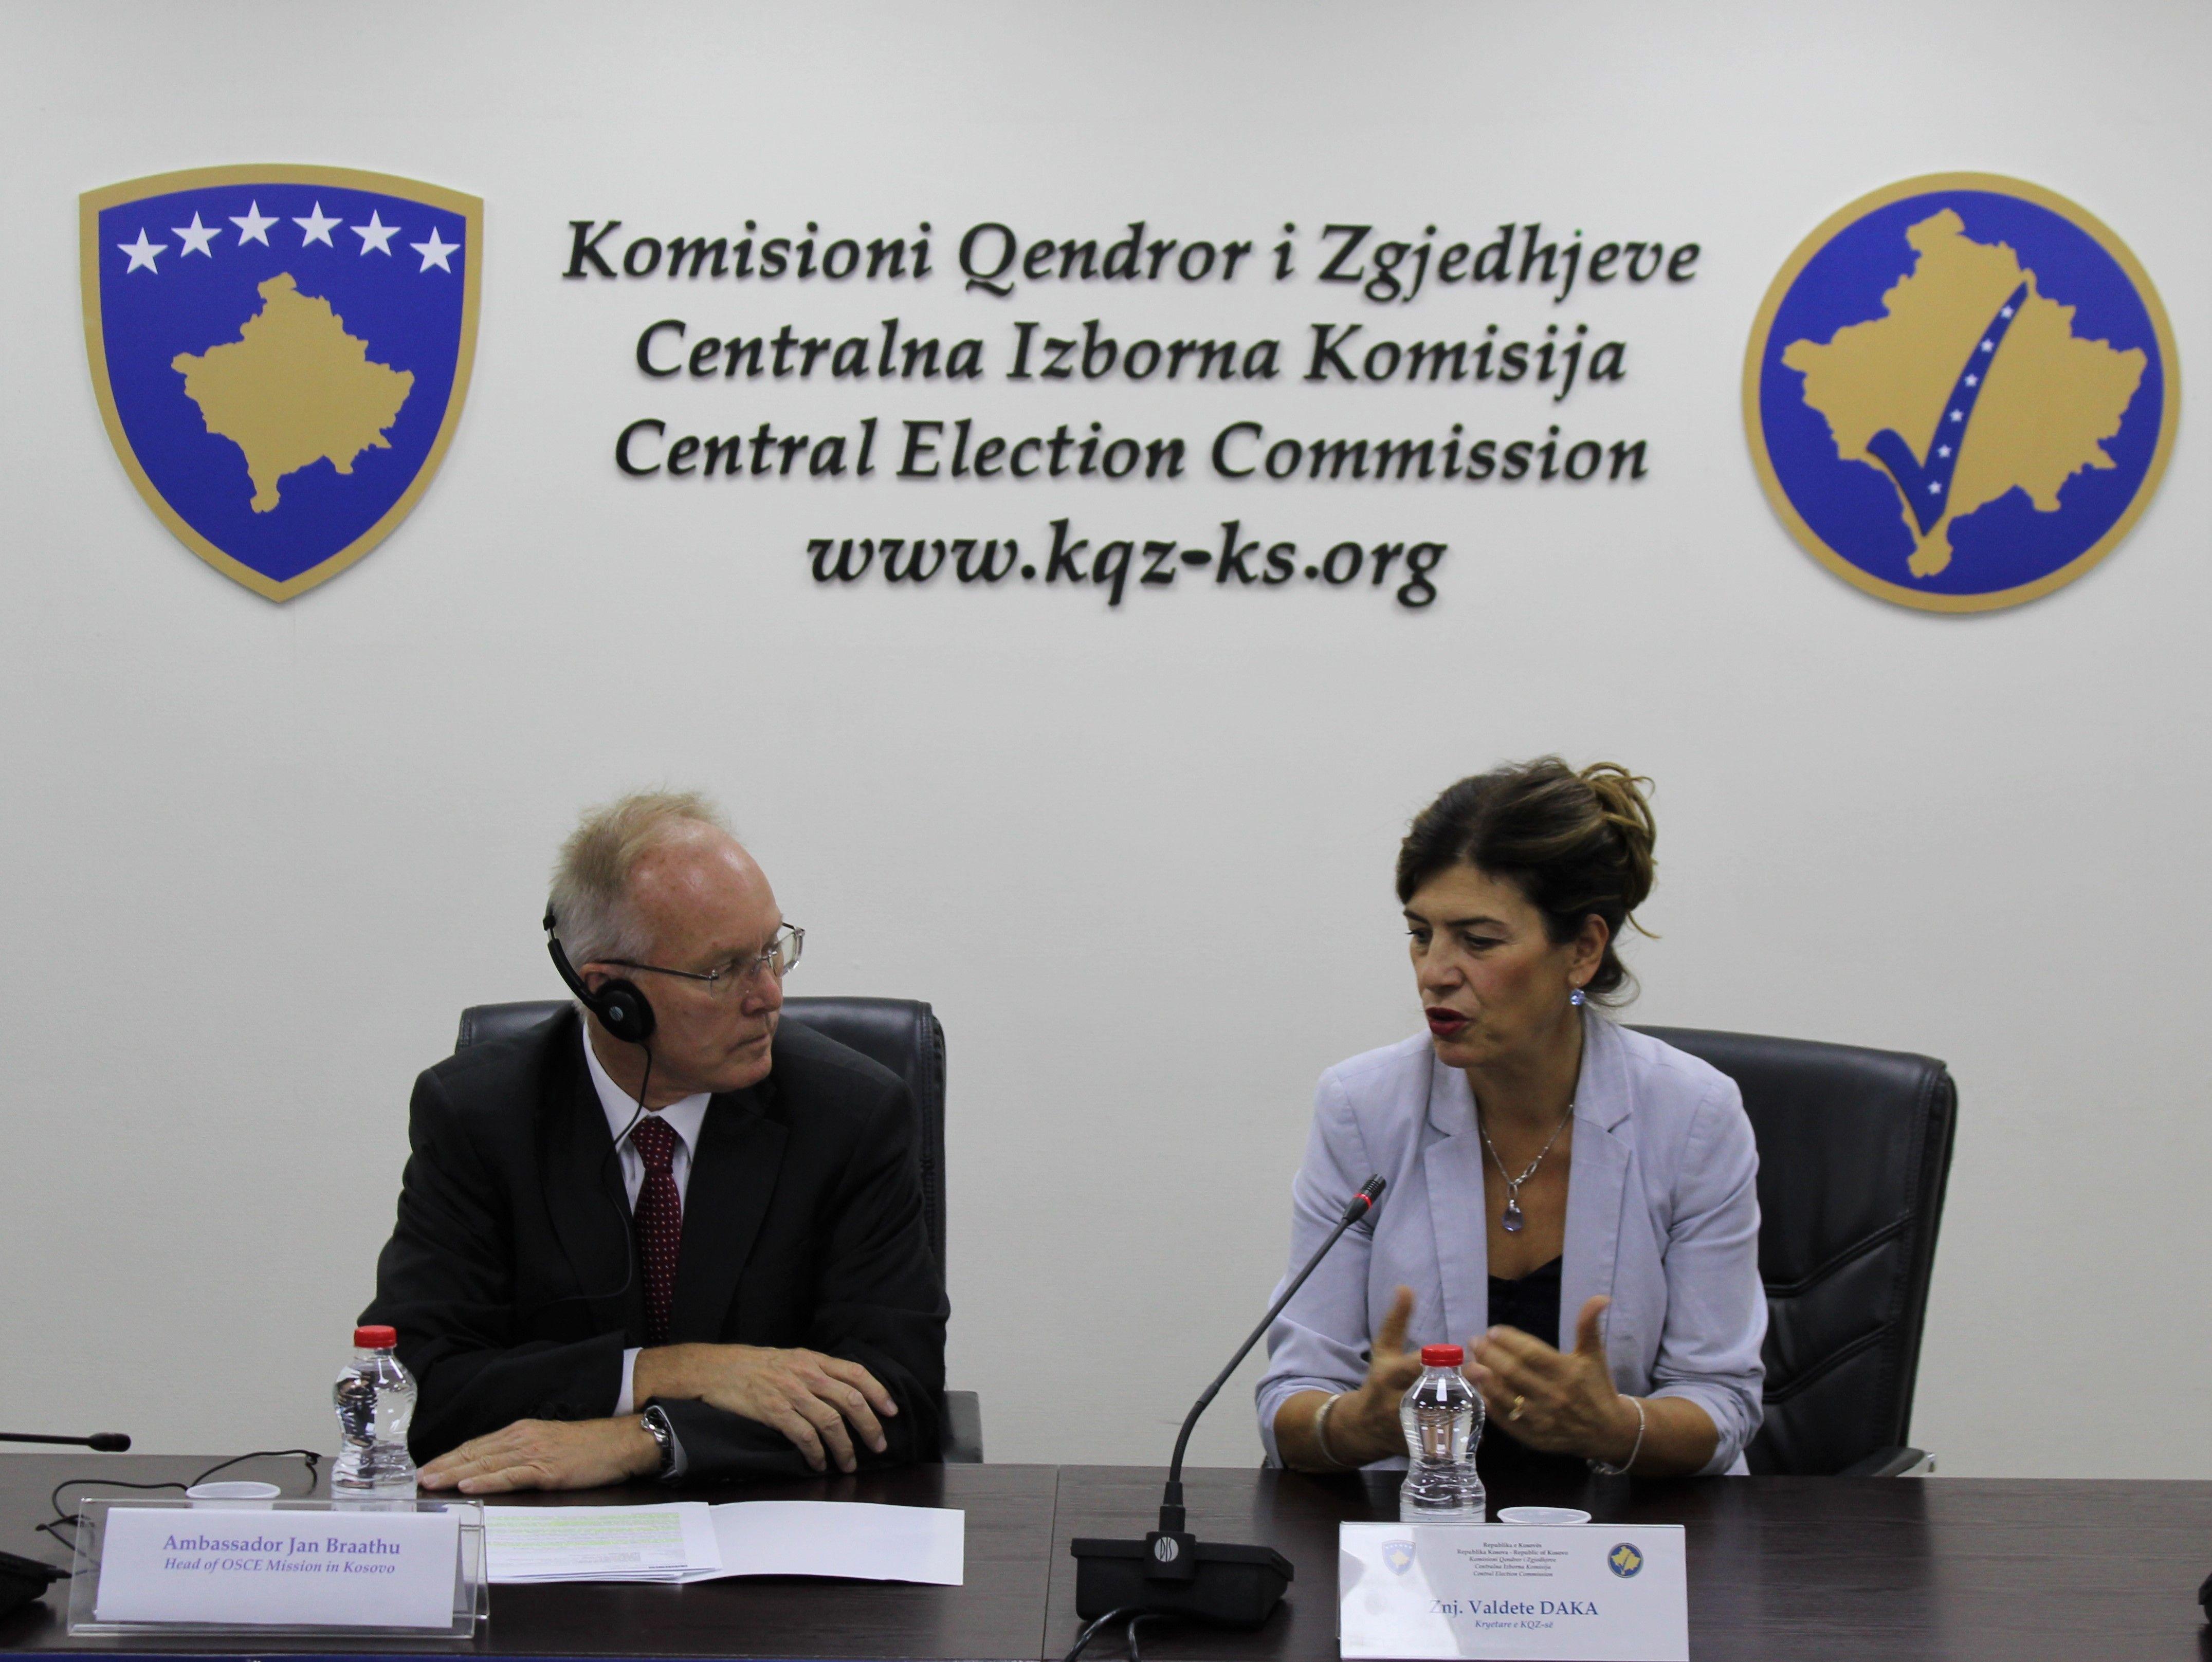 Shefi i Misionit të OSBE-së në Kosovë, Braathu vizitoi KQZ-në